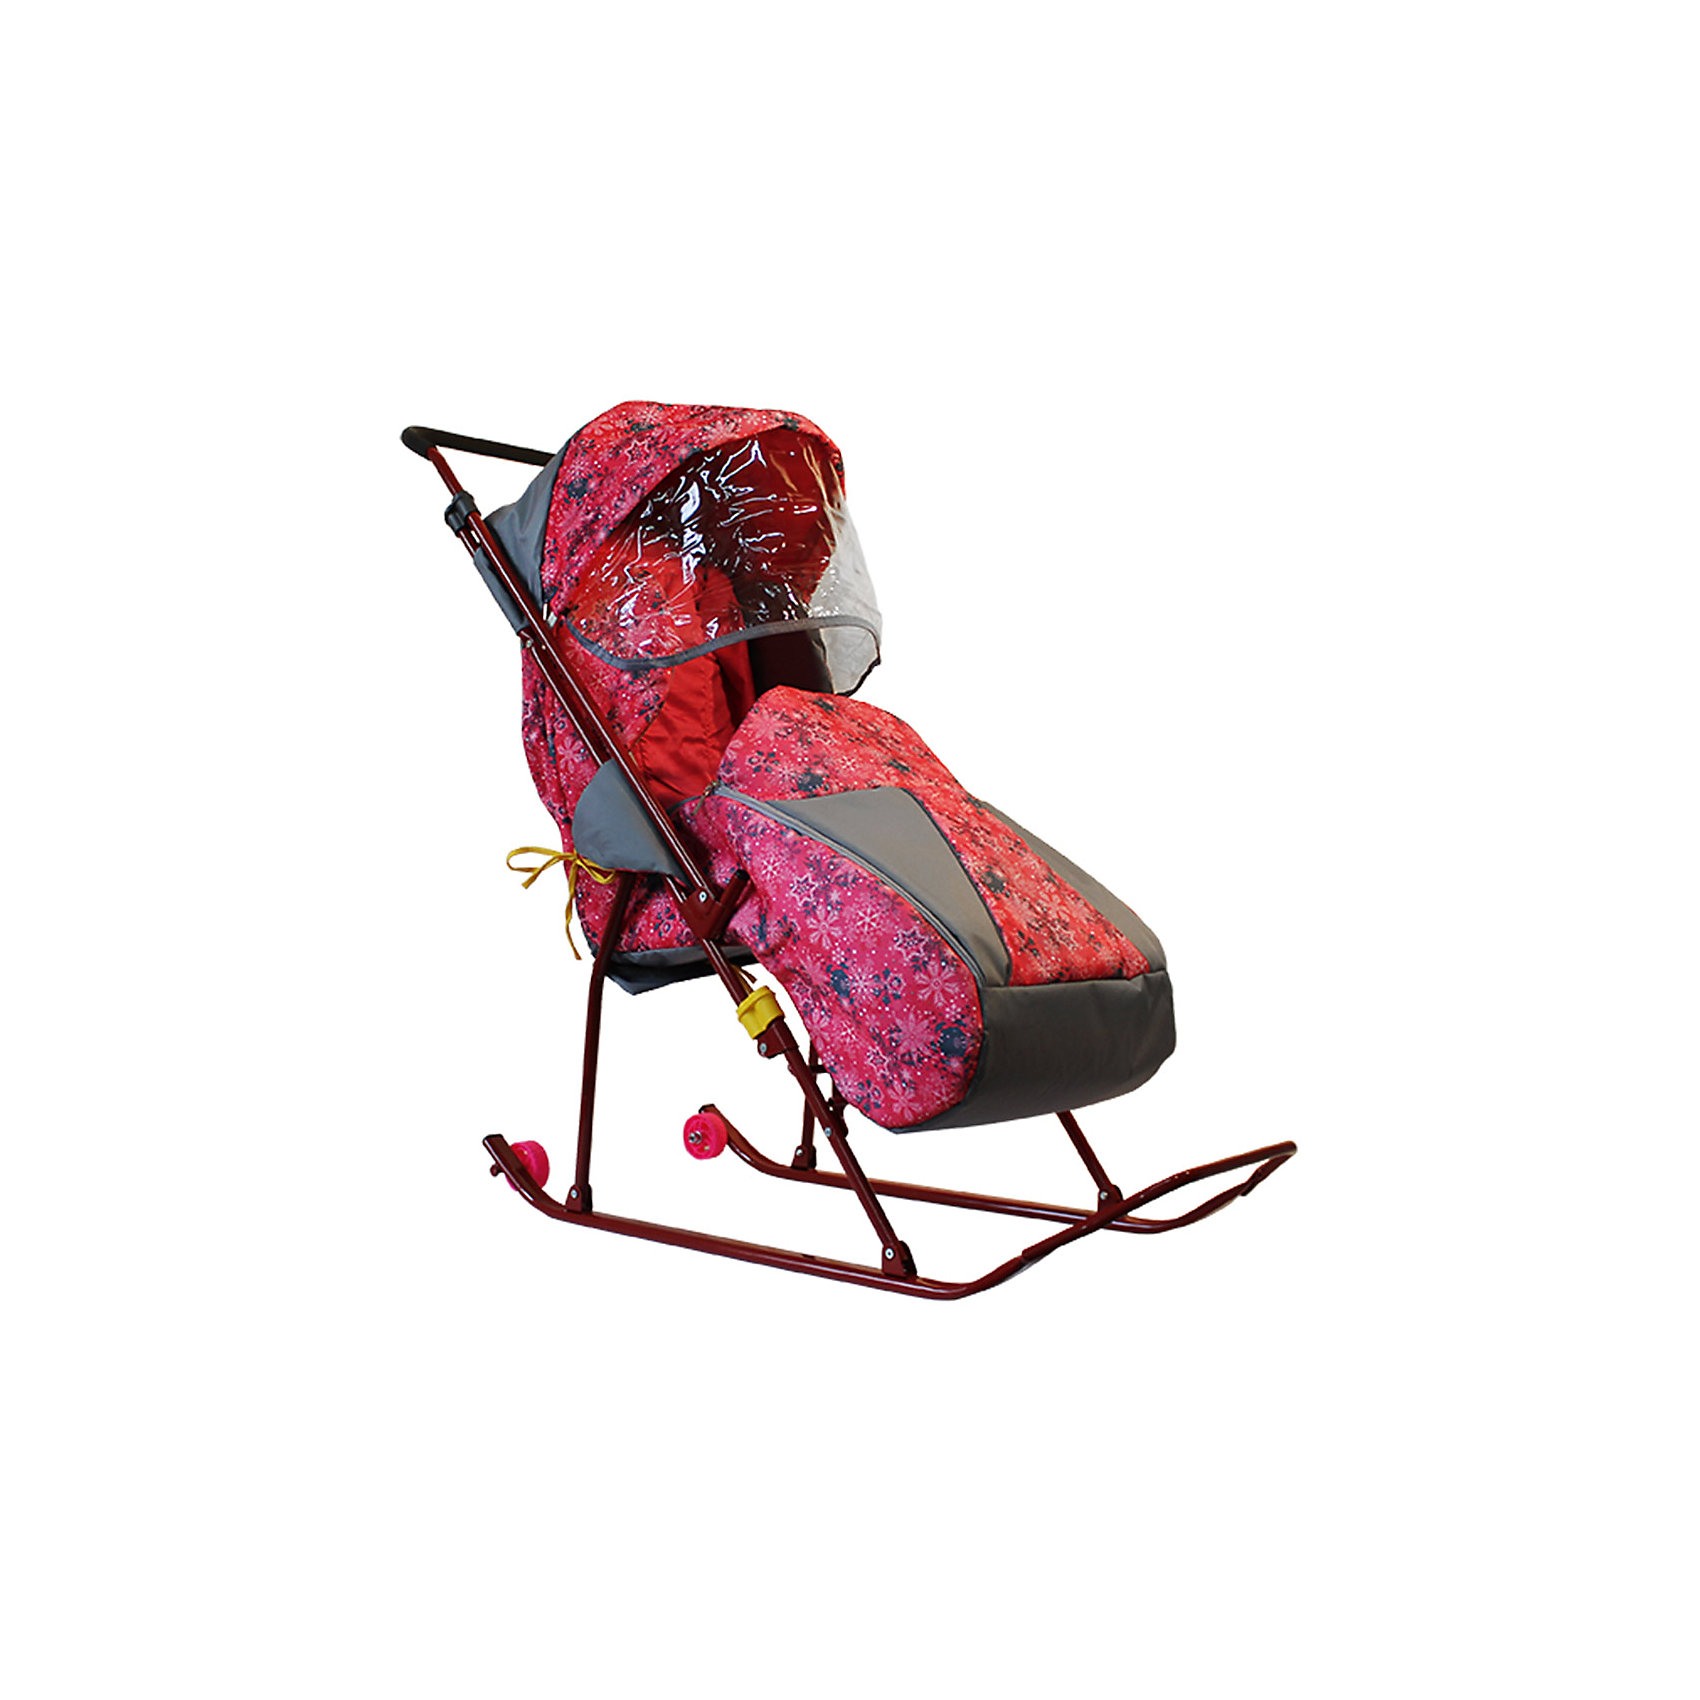 Санки-коляска Galaxy Снежинка премиум, снежинки/розовыйС колесиками<br>Характеристики:<br><br>• Наименование: санки-коляска<br>• Сезон: зима<br>• Пол: для девочки<br>• Материал: металл, пластик, текстиль<br>• Цвет: оттенки розового, серый<br>• Наличие 2-х маленьких колесиков<br>• Наличие перекидной ручки<br>• Наличие ремней безопасности<br>• Максимально допустимый вес: 80 кг<br>• Размеры (Д*Ш*В): 102*41*102 см<br>• Вес: 6 кг 300 г<br>• Спинка регулируемая<br>• Чехол для ножек застегивается на молнию<br>• Наличие складного козырька с тентом<br>• Каркас усиленный <br><br>Санки-коляска Снежинка премиум, Galaxy, амуры/красный предназначены для зимних прогулок с ребенком по разным видам дорожной поверхности. Санки оснащены полозьями и дополнительно маленькими колесиками, которые позволяют без труда преодолеть незаснеженные участки дороги. Чехлы, выполненые из непродуваемого и непромокаемого материала, обеспечат клмфортные прогулки даже в самую непогоду, а регулируемая по высоте спинка позволит не прерывать прогулку, даже если малыш заснул. Санки-коляска оснащены ремнями безопасности, ручка перекидывается, что делает их удобными не только для ребенка, но и для мамы. <br><br>Санки-коляска Снежинка премиум, Galaxy, амуры/красный можно купить в нашем интернет-магазине.<br><br>Ширина мм: 1110<br>Глубина мм: 416<br>Высота мм: 225<br>Вес г: 6300<br>Возраст от месяцев: 6<br>Возраст до месяцев: 36<br>Пол: Женский<br>Возраст: Детский<br>SKU: 5120637